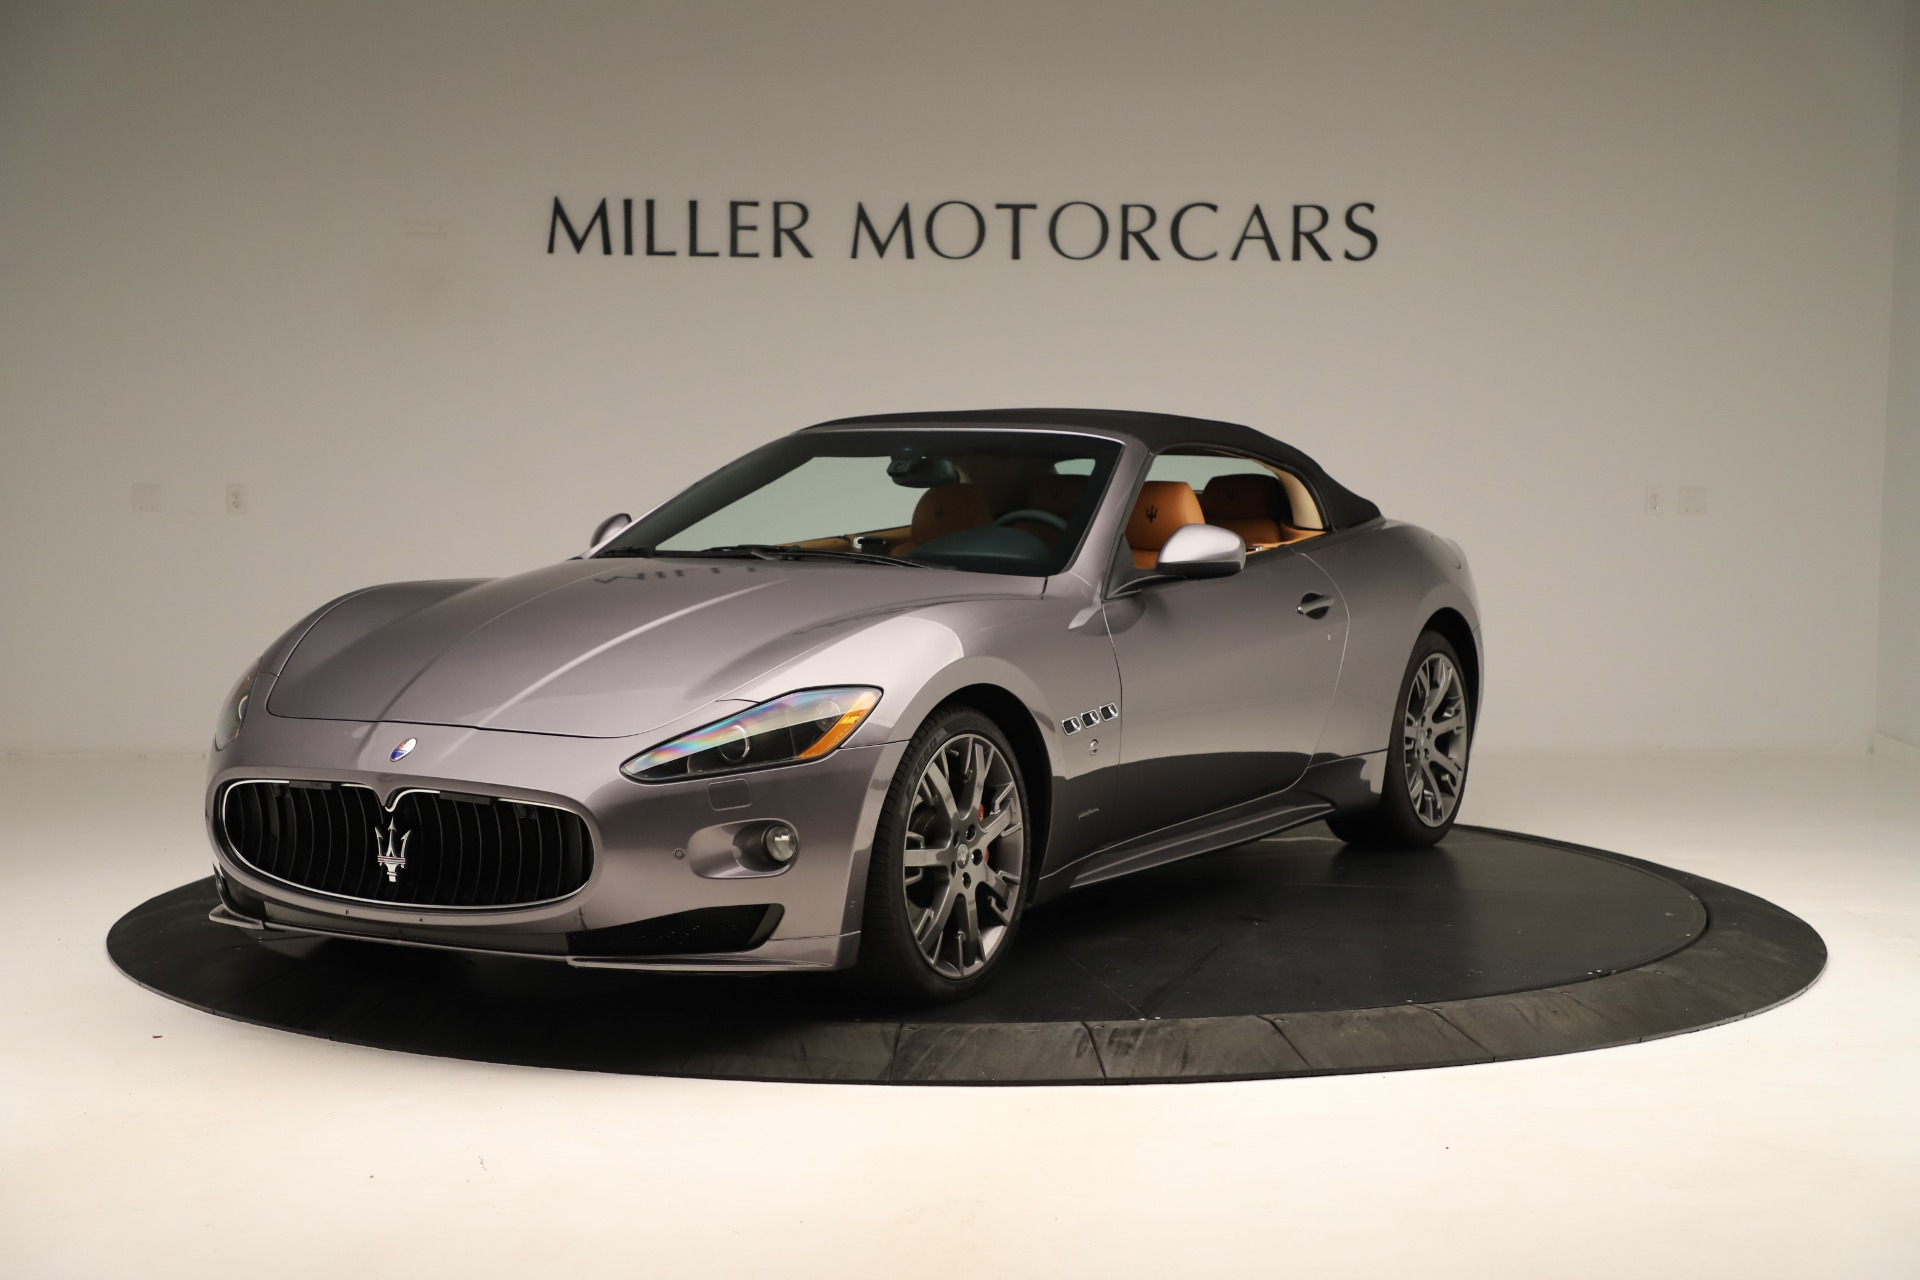 Used 2012 Maserati GranTurismo Sport For Sale In Greenwich, CT 3348_p13